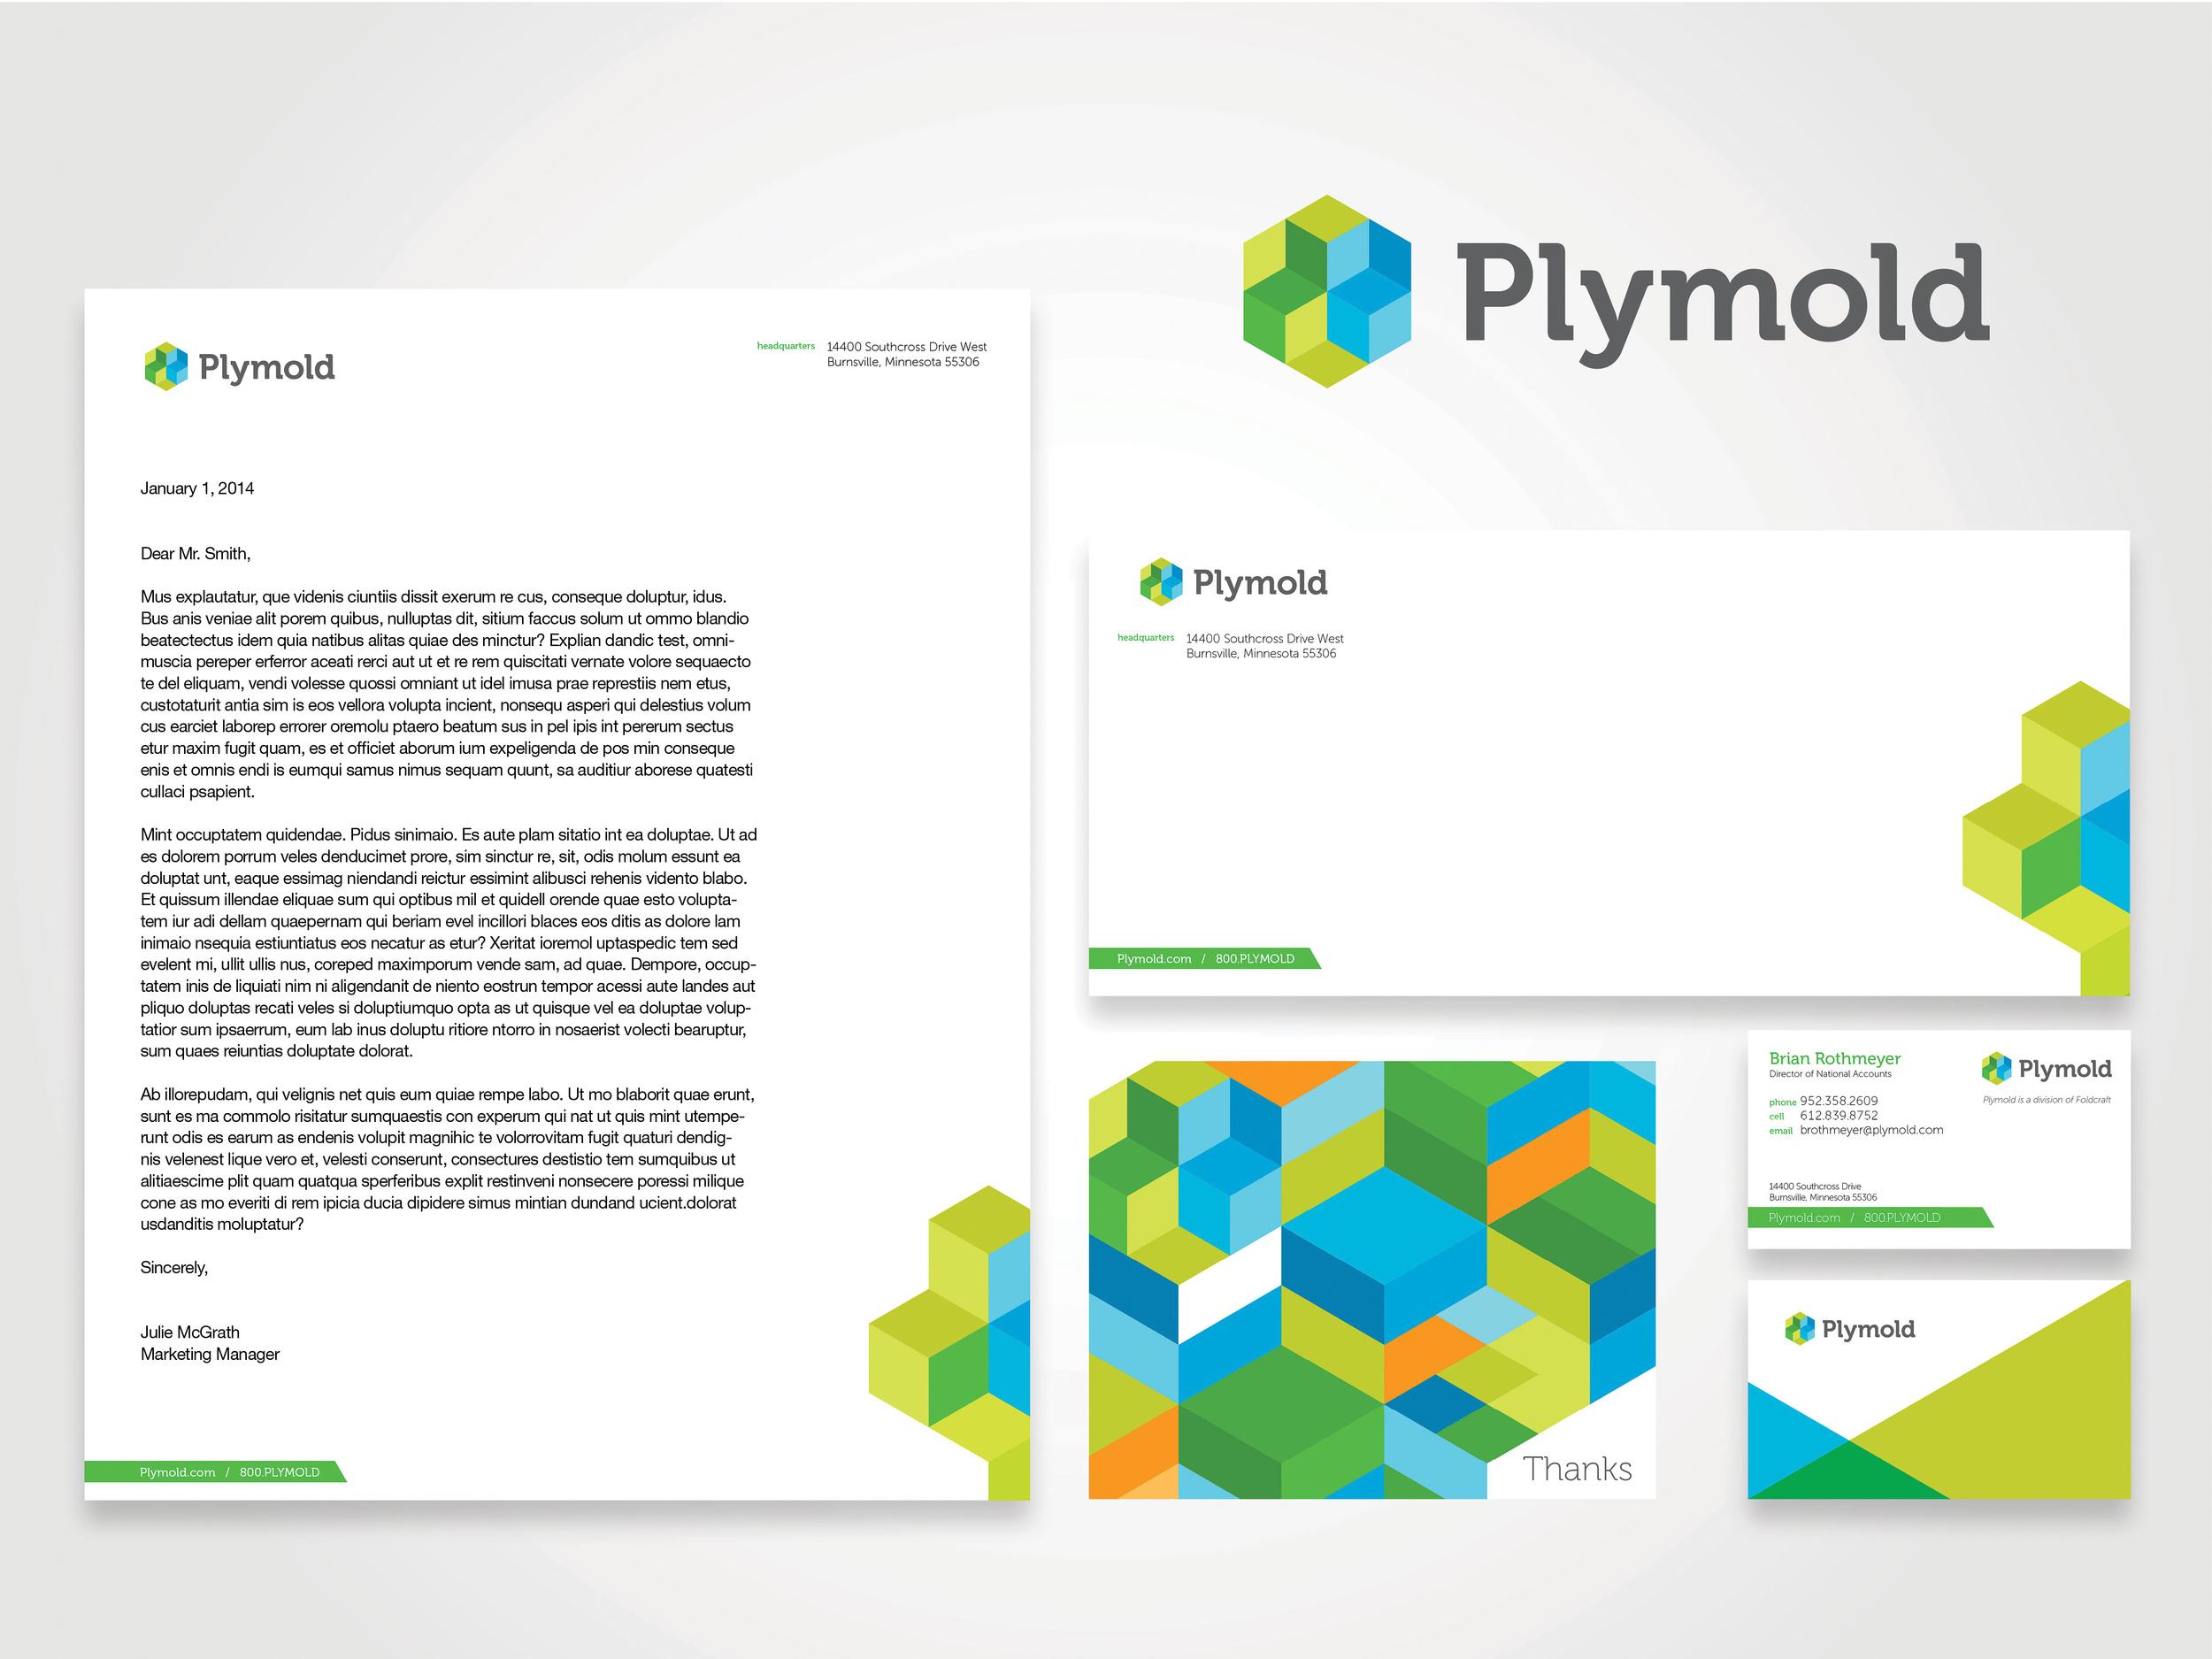 PlymoldBrandPackage